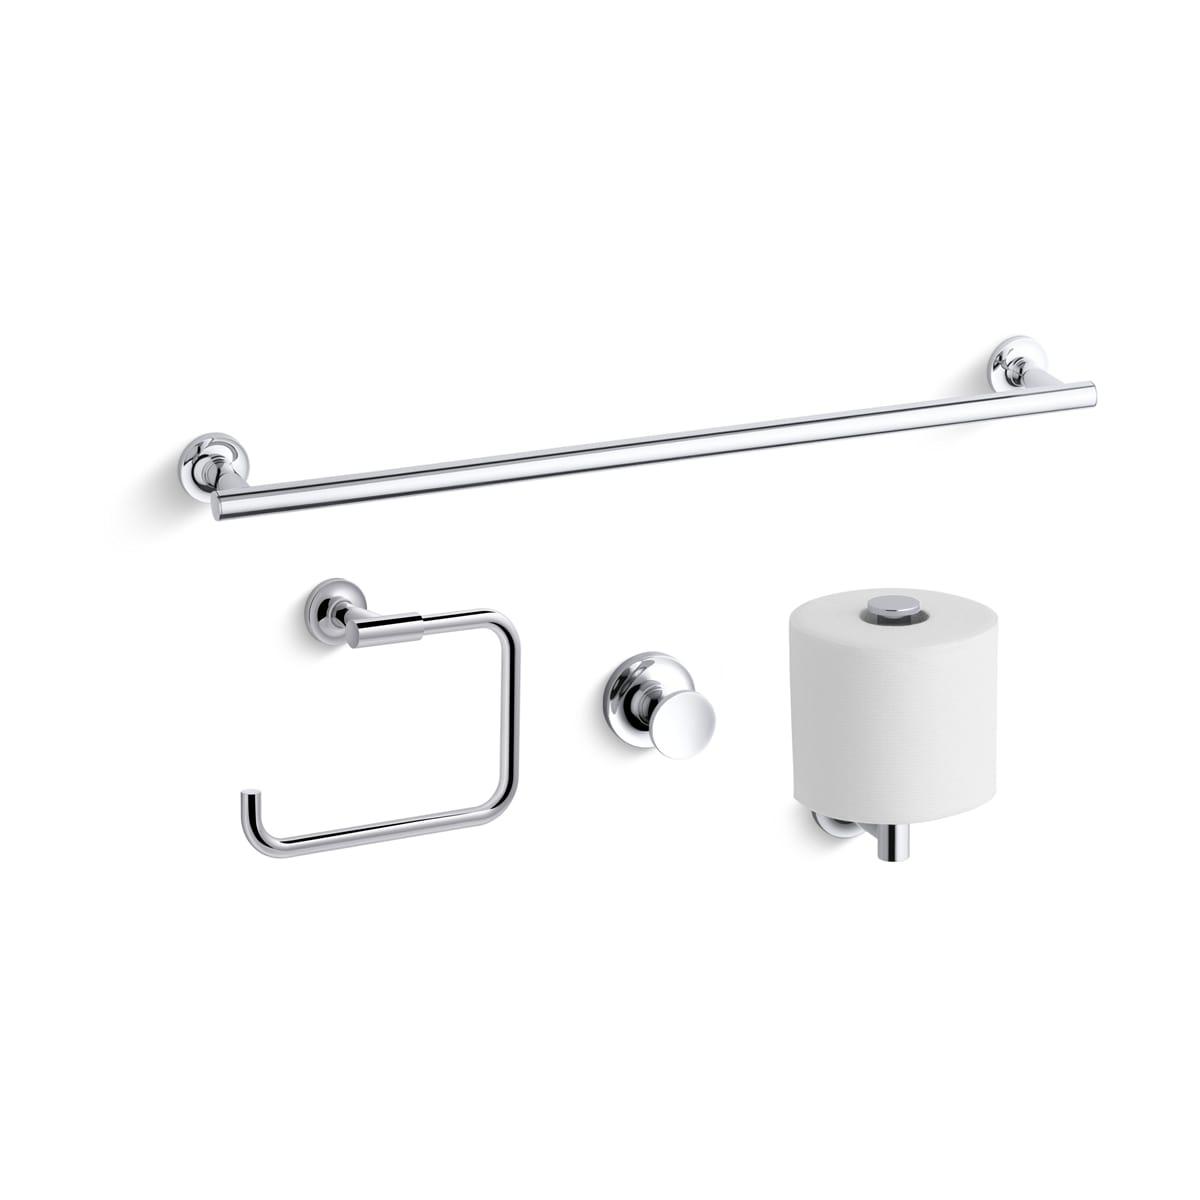 Kohler Purist Better Accessory Pack 1 Bathroom Hardware